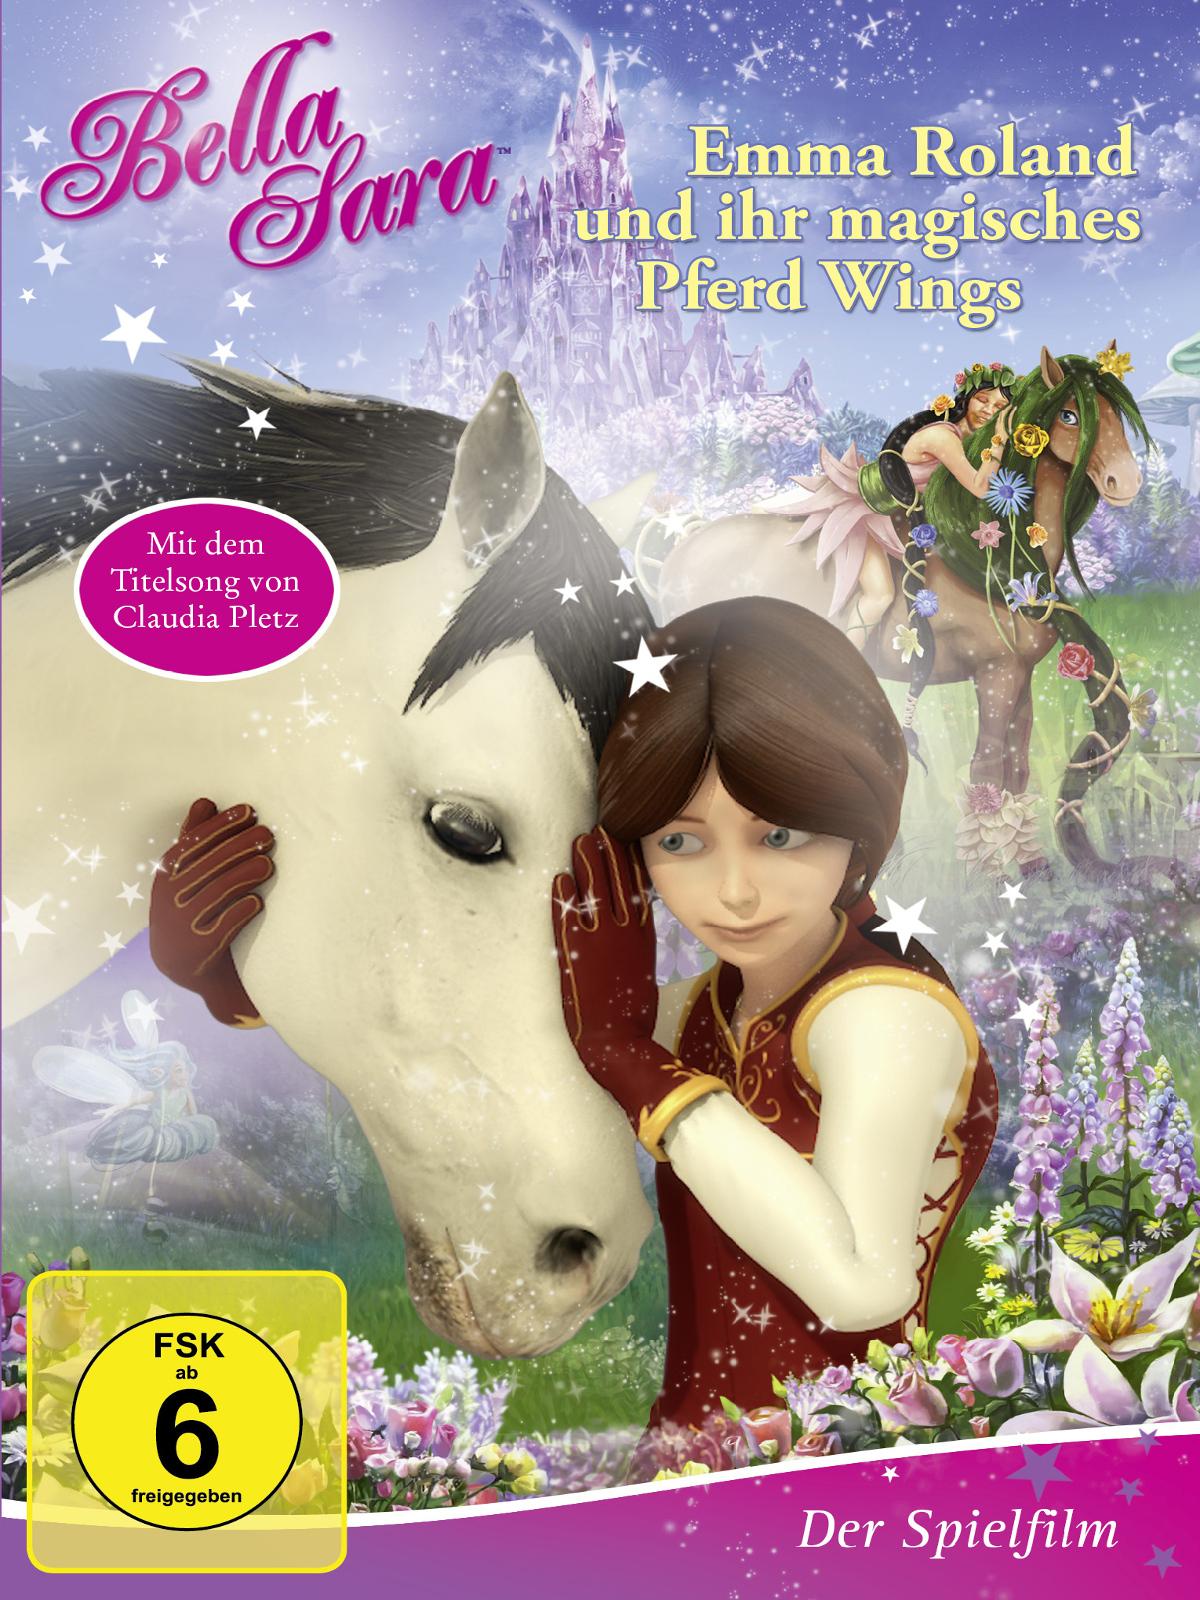 bella sara  emma roland und ihr magisches pferd wings